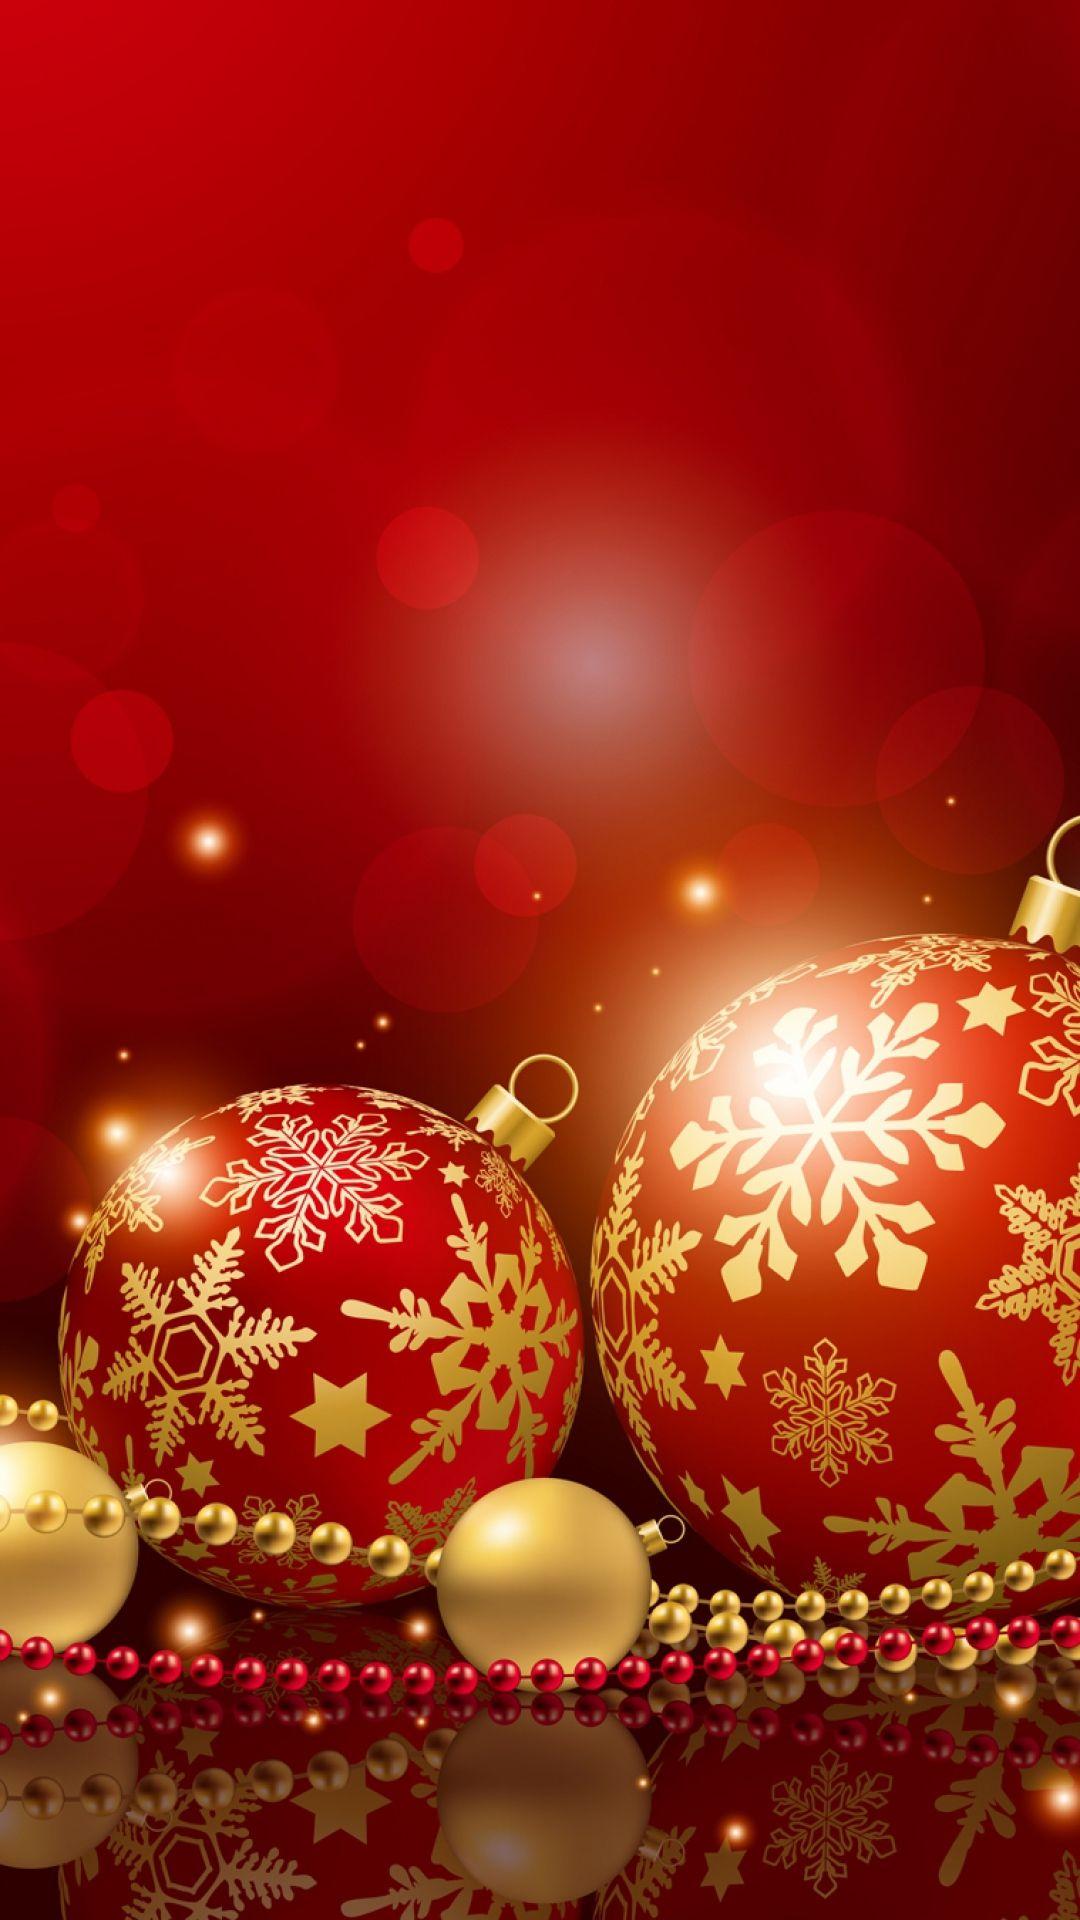 ผลการค้นหารูปภาพ クリスマスホリデー, クリスマスの壁紙, 祝日